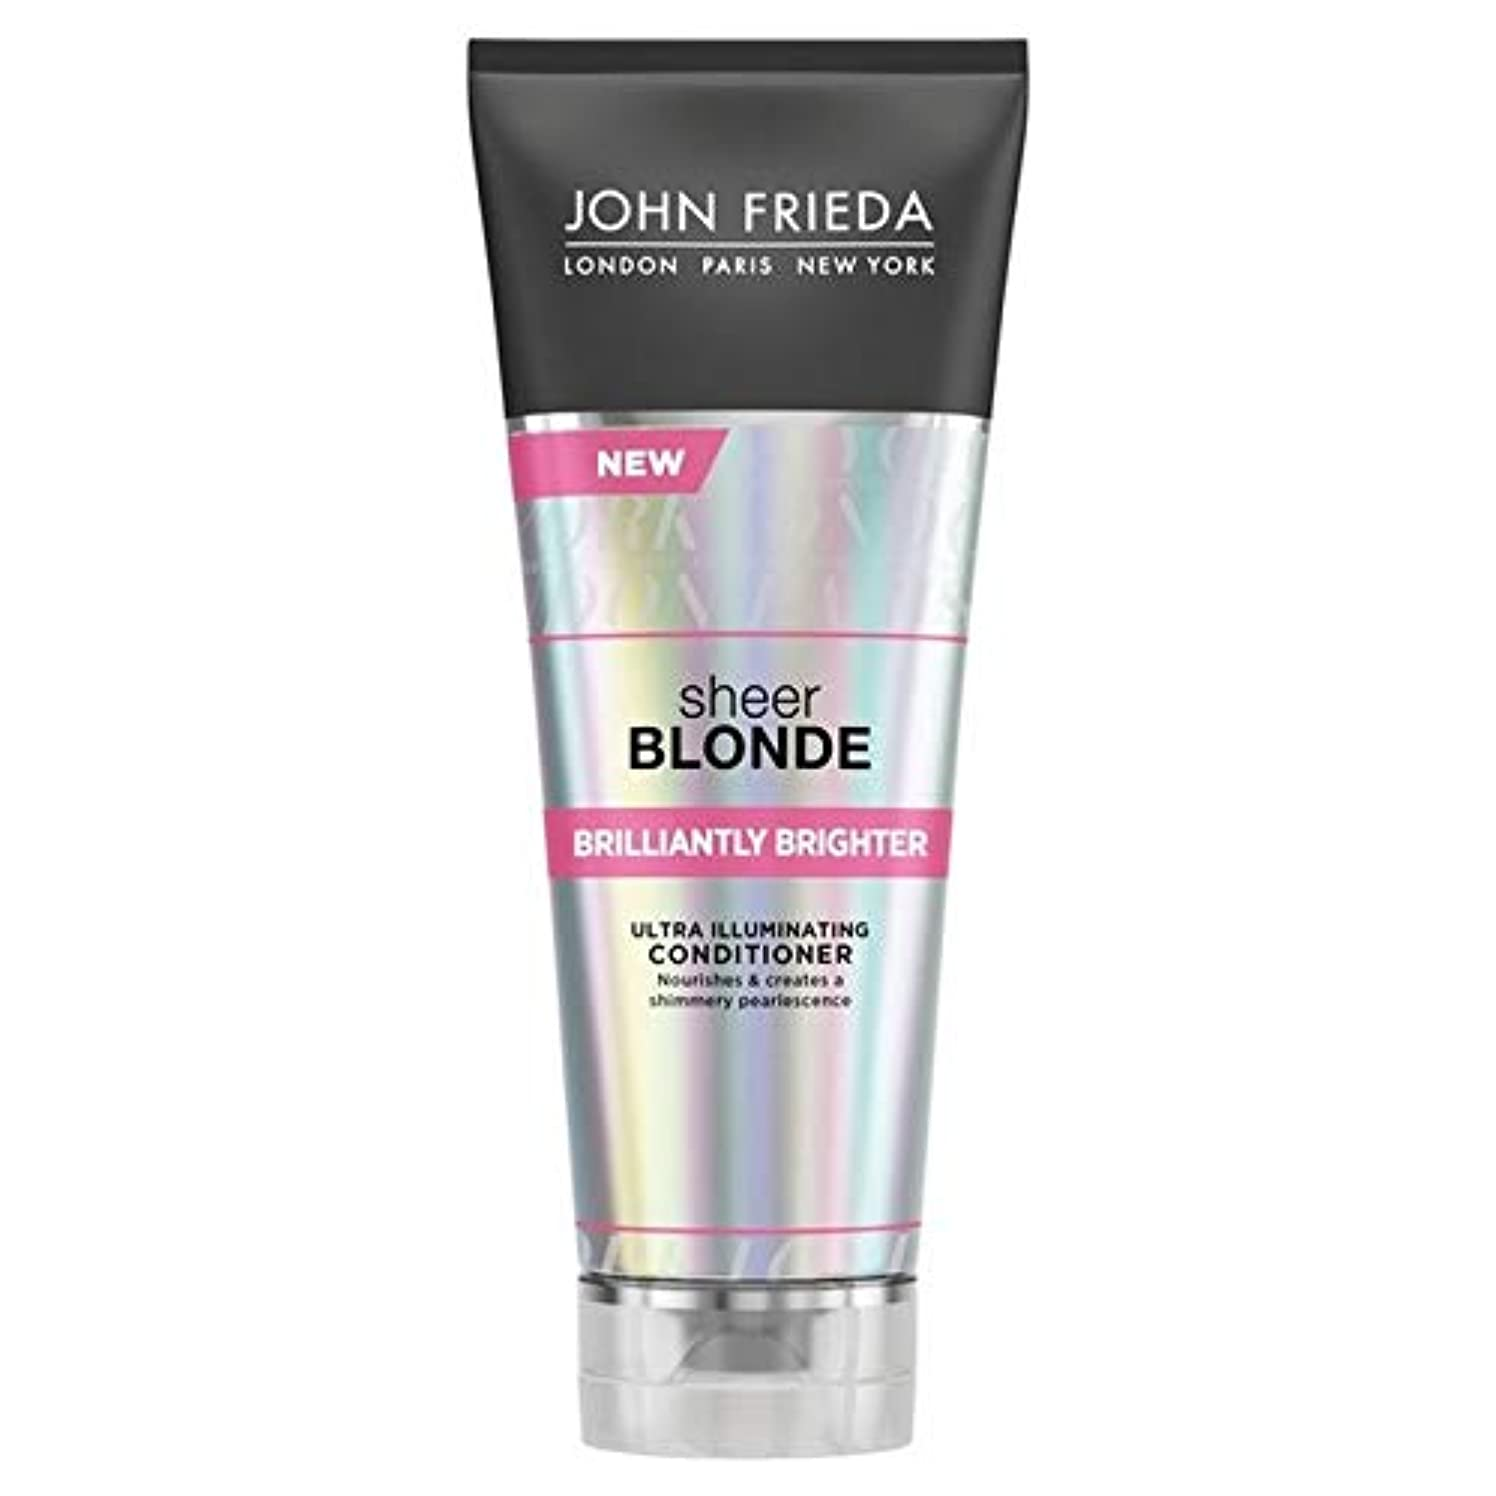 ベーカリー残酷オーロック[John Frieda ] ジョン?フリーダ膨大なブロンド見事に明るくコンディショナー250Ml - John Frieda Sheer Blonde Brilliantly Brighter Conditioner...